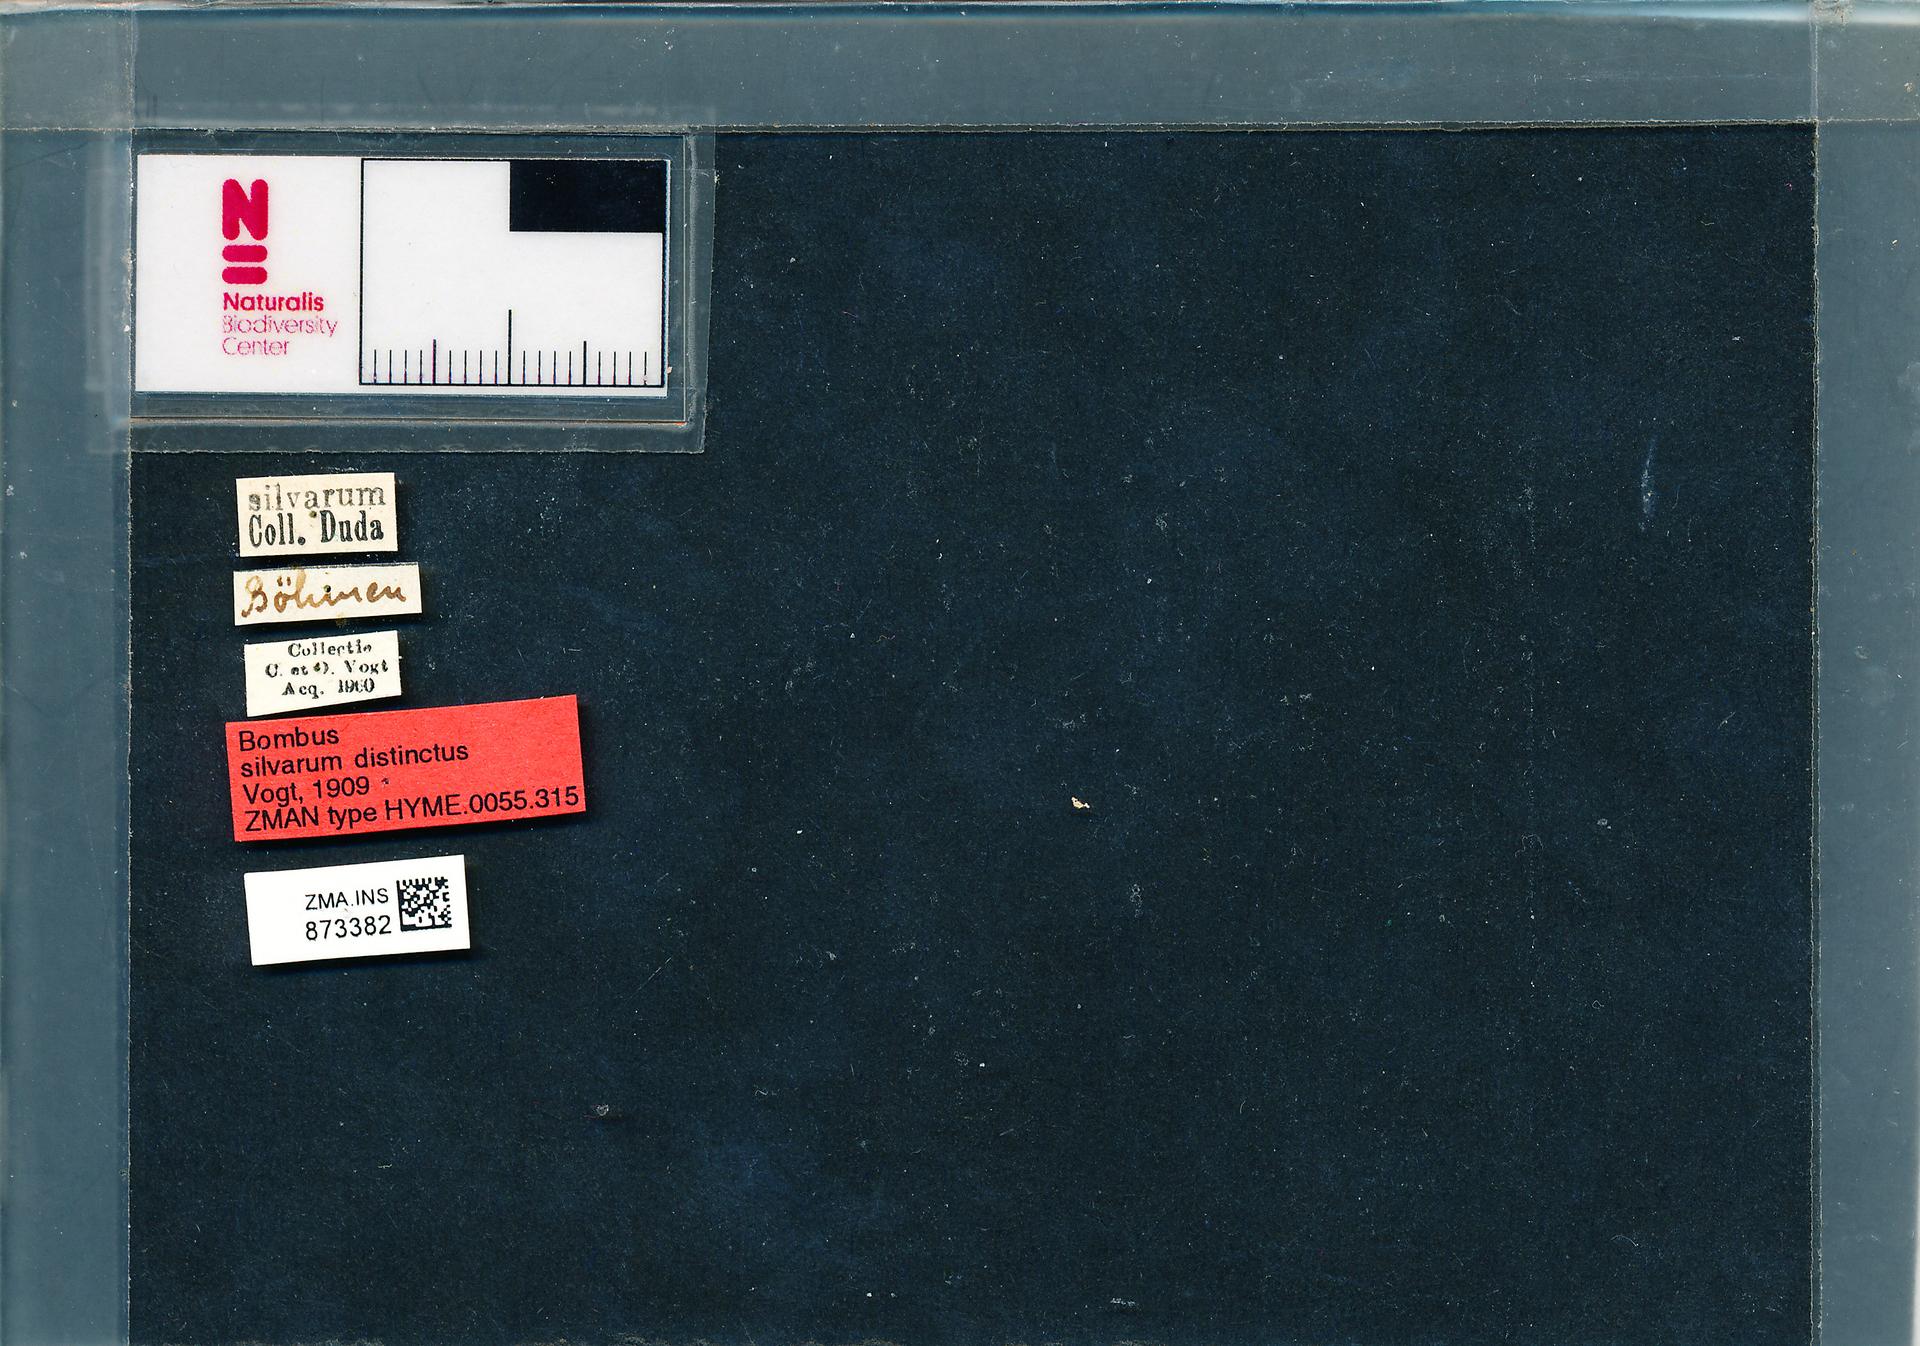 ZMA.INS.873382 | Bombus (Thoracobombus) sylvarum distinctus Vogt, 1909